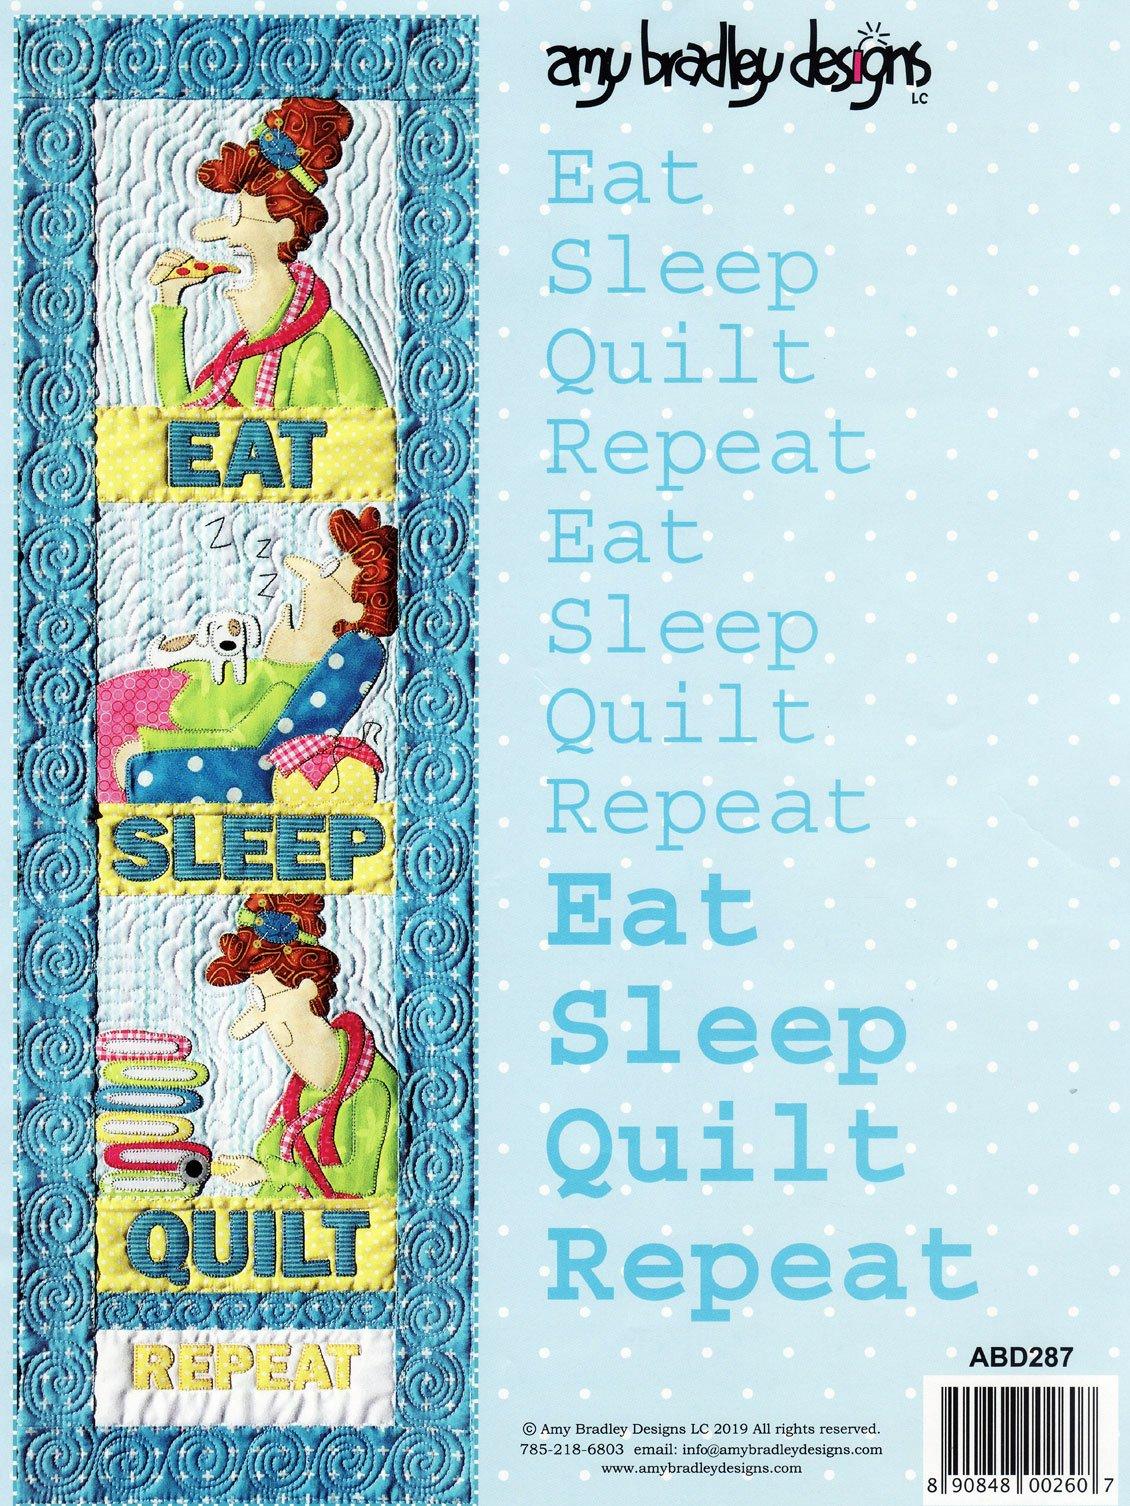 Eat, Sleep, Quilt Repeat!